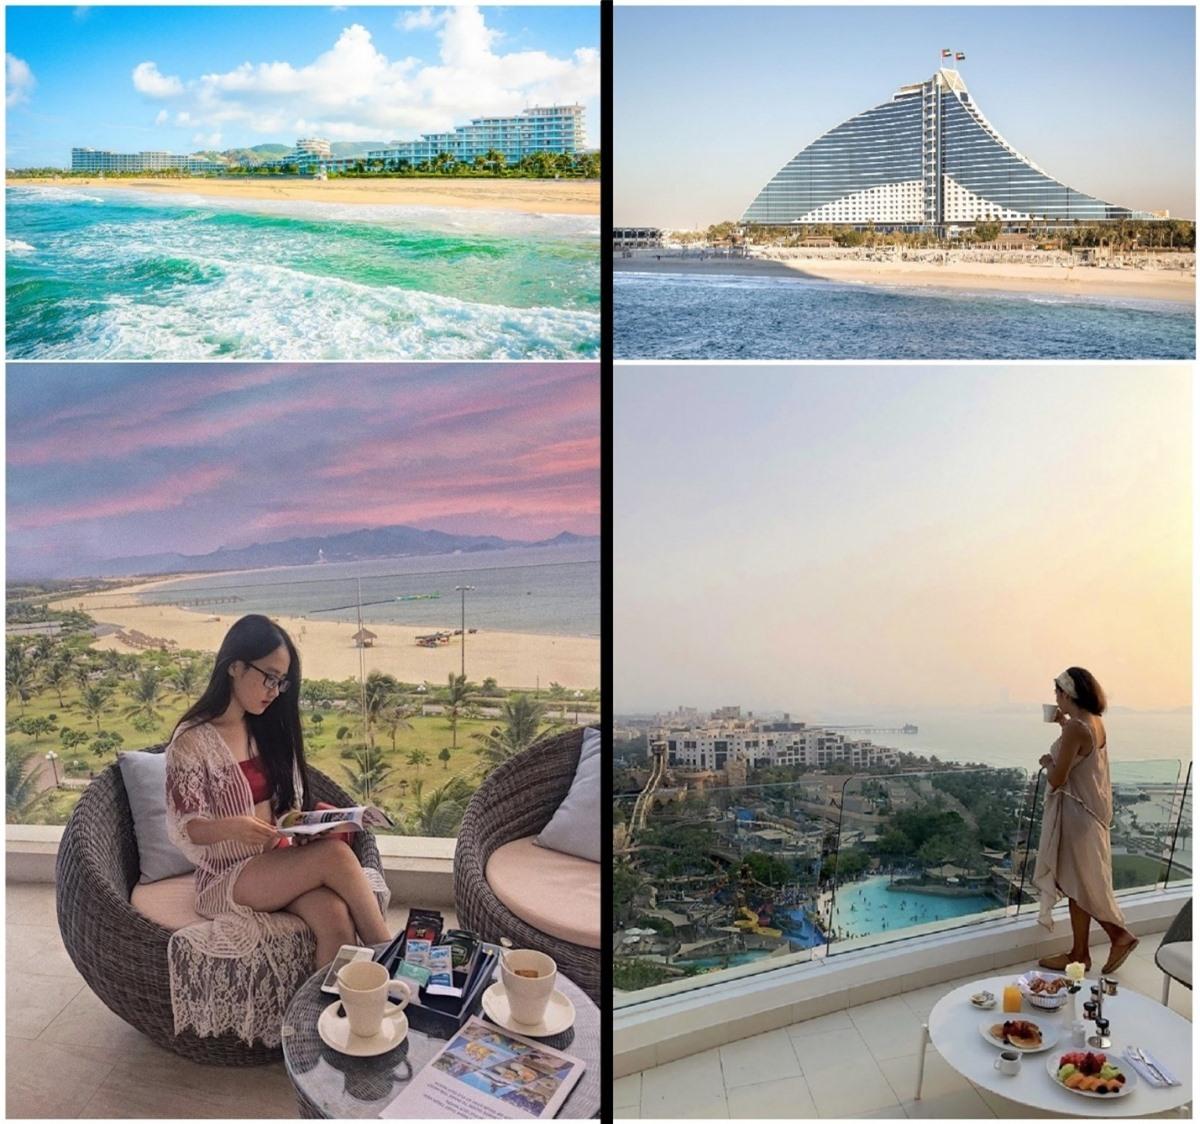 Kiến trúc và view biển đẳng cấp của FLC Quy Nhơn (trái) gợi nhắc khung cảnh tại những khách sạn 5 sao ven biển Dubai (phải) – Nguồn: phanhneee_, jumeirahbh